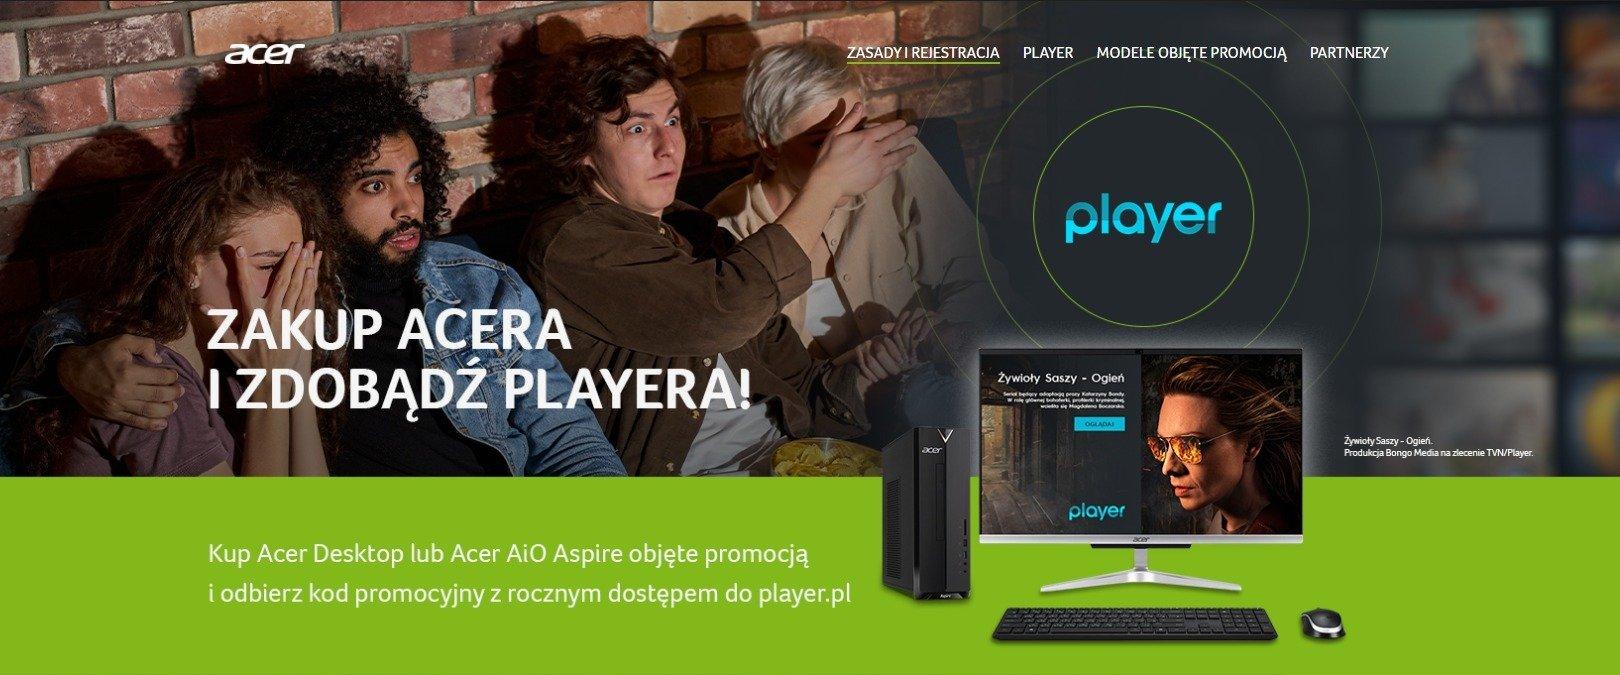 Kup komputer z serii Acer Aspire i odbierz roczną subskrypcję Player.pl za darmo!